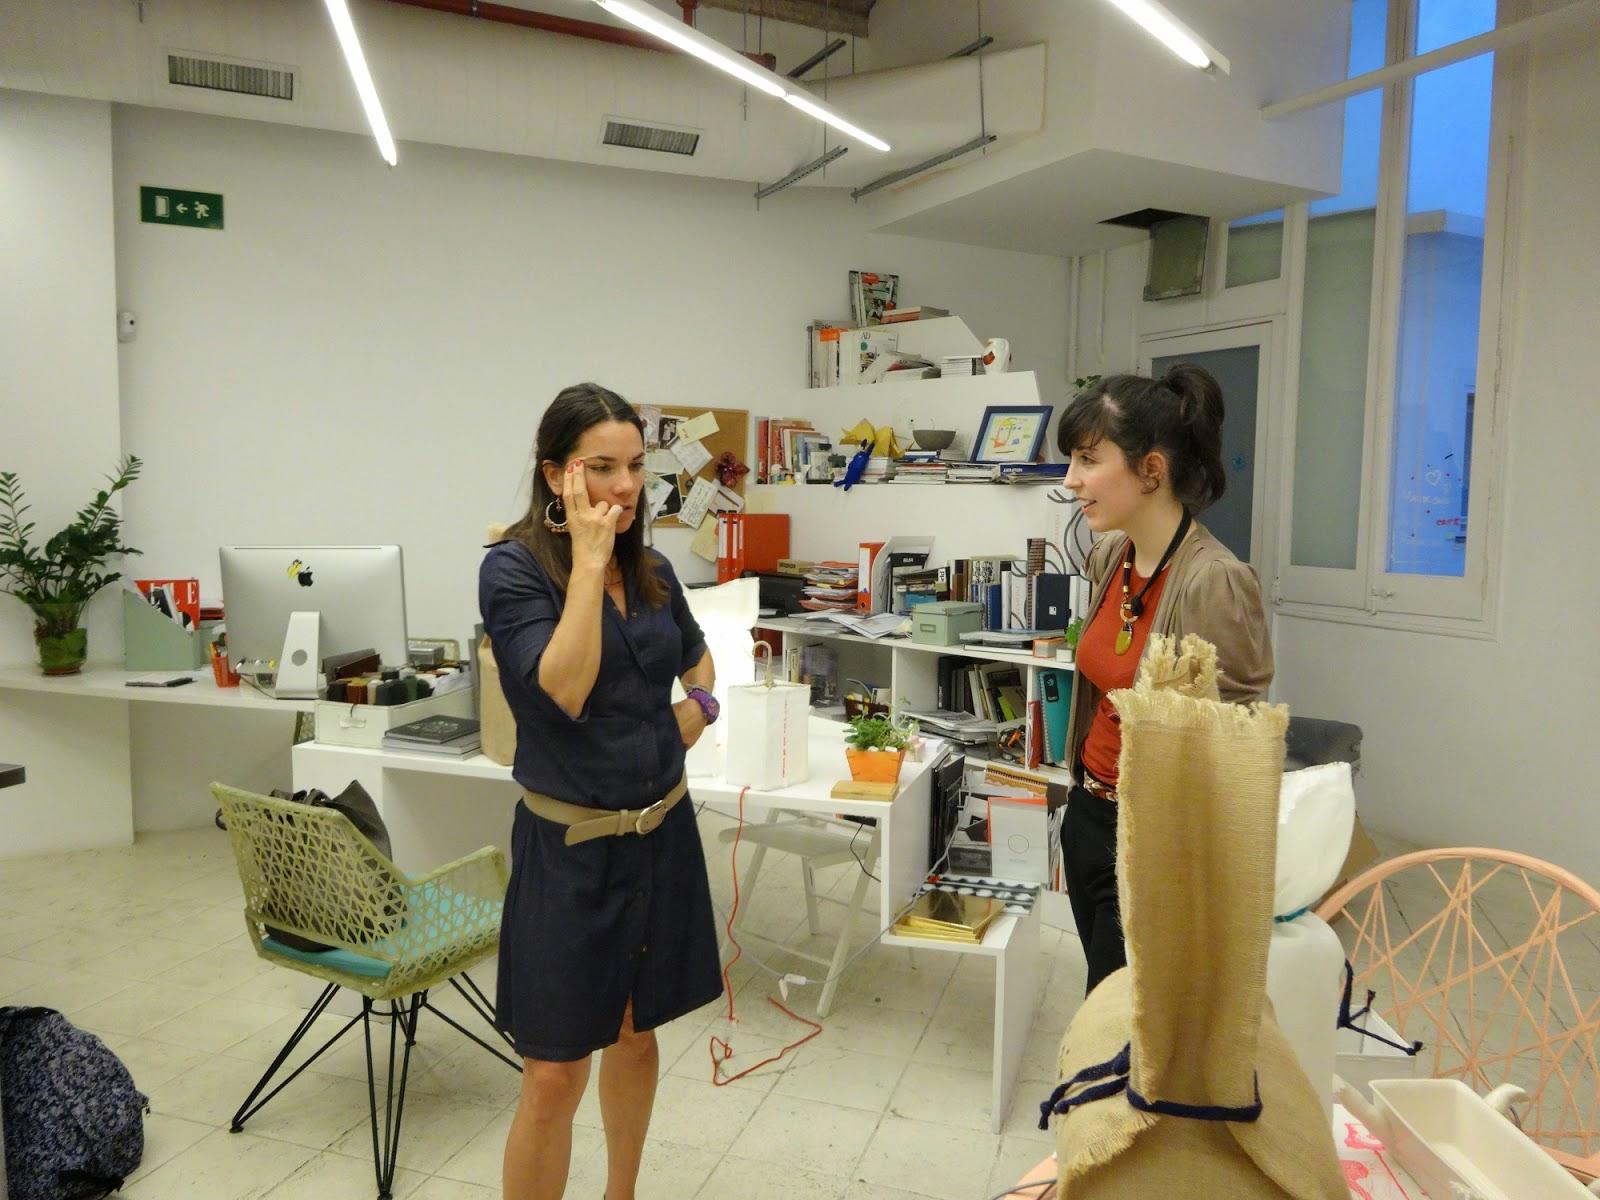 Déco objets insolites textile